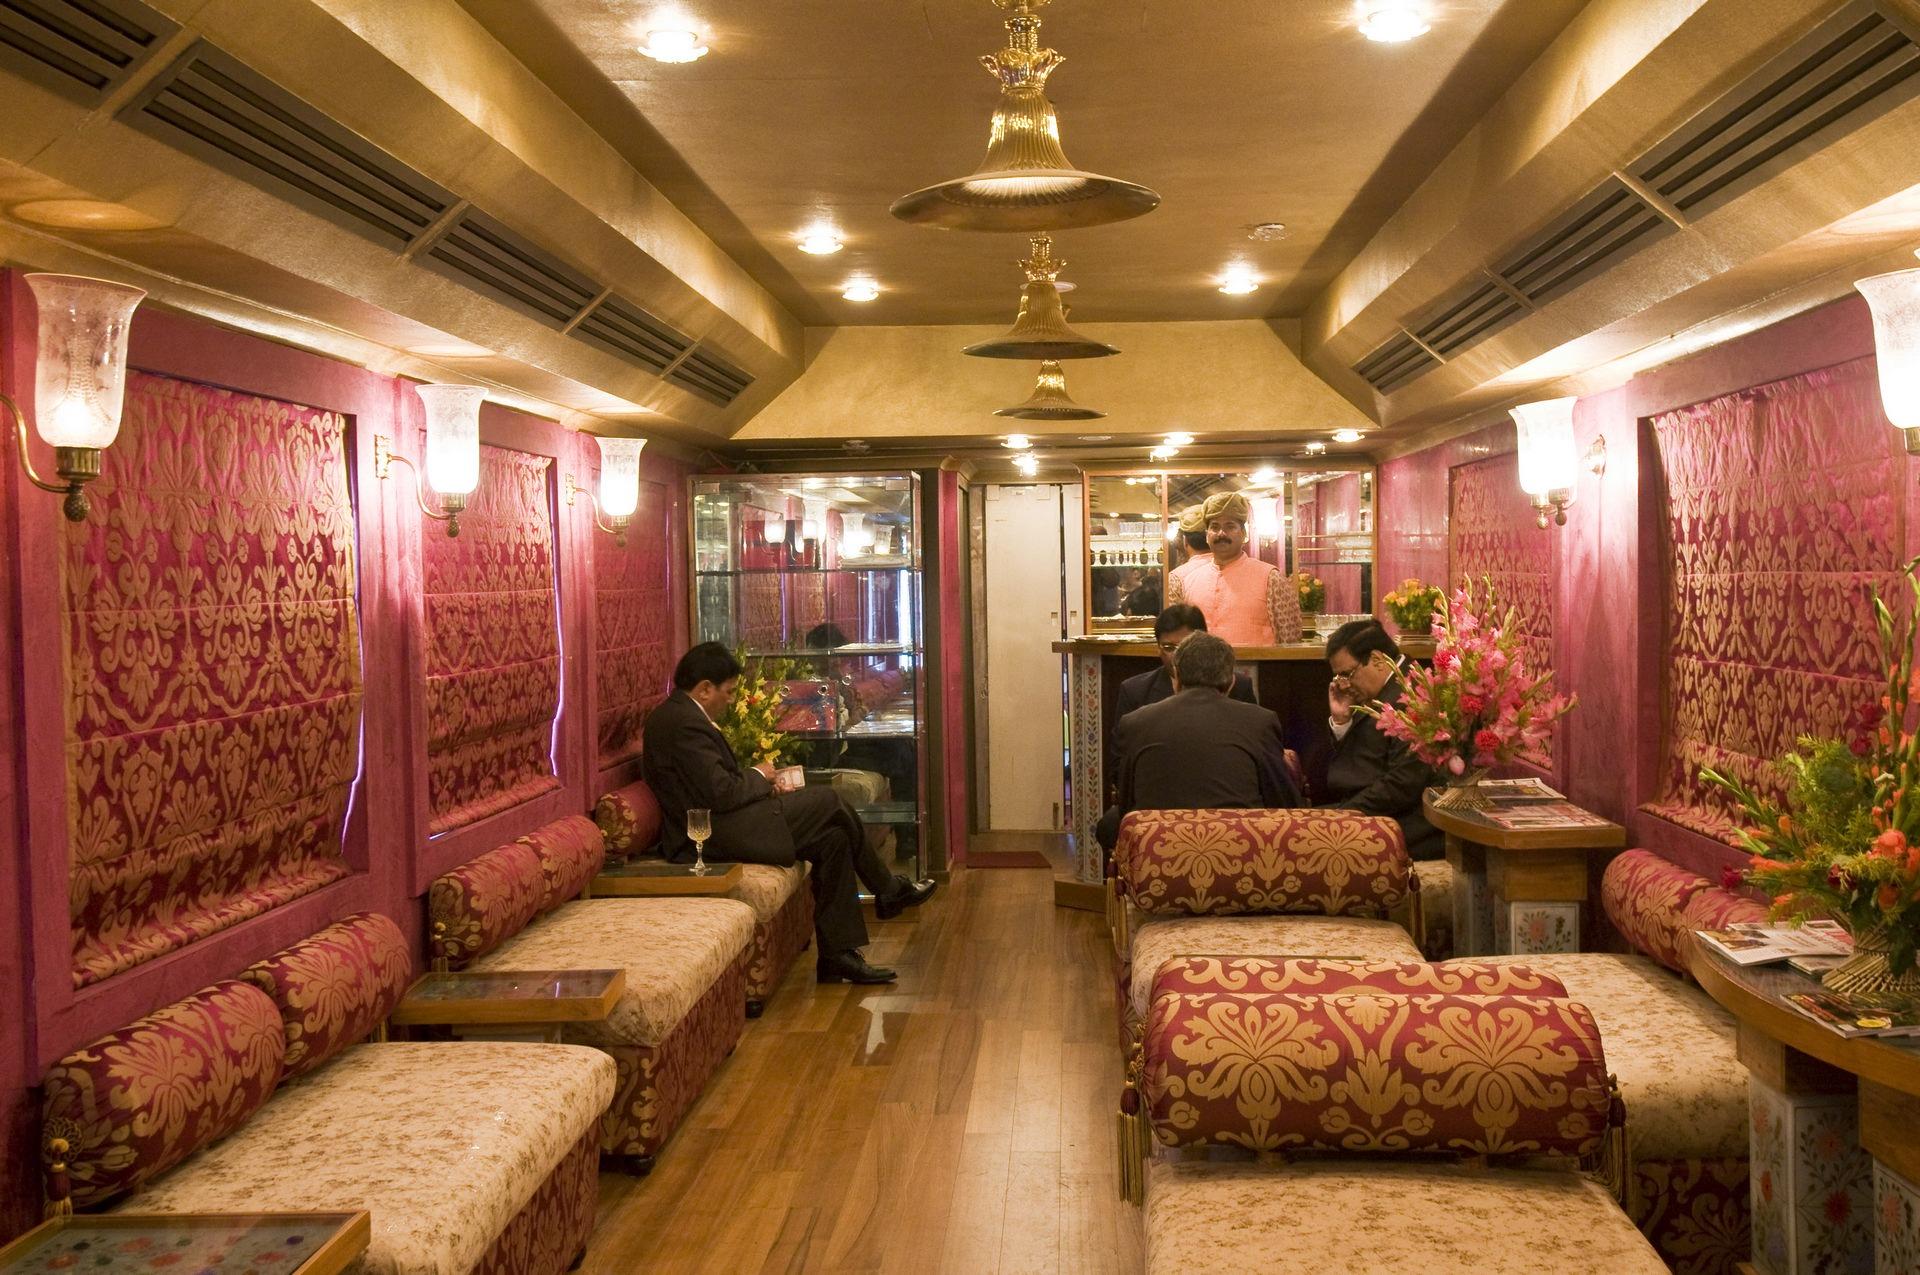 NOMAD-luksusowe-pociągi-Royal-Rajasthan-on-wheels-Indie-13